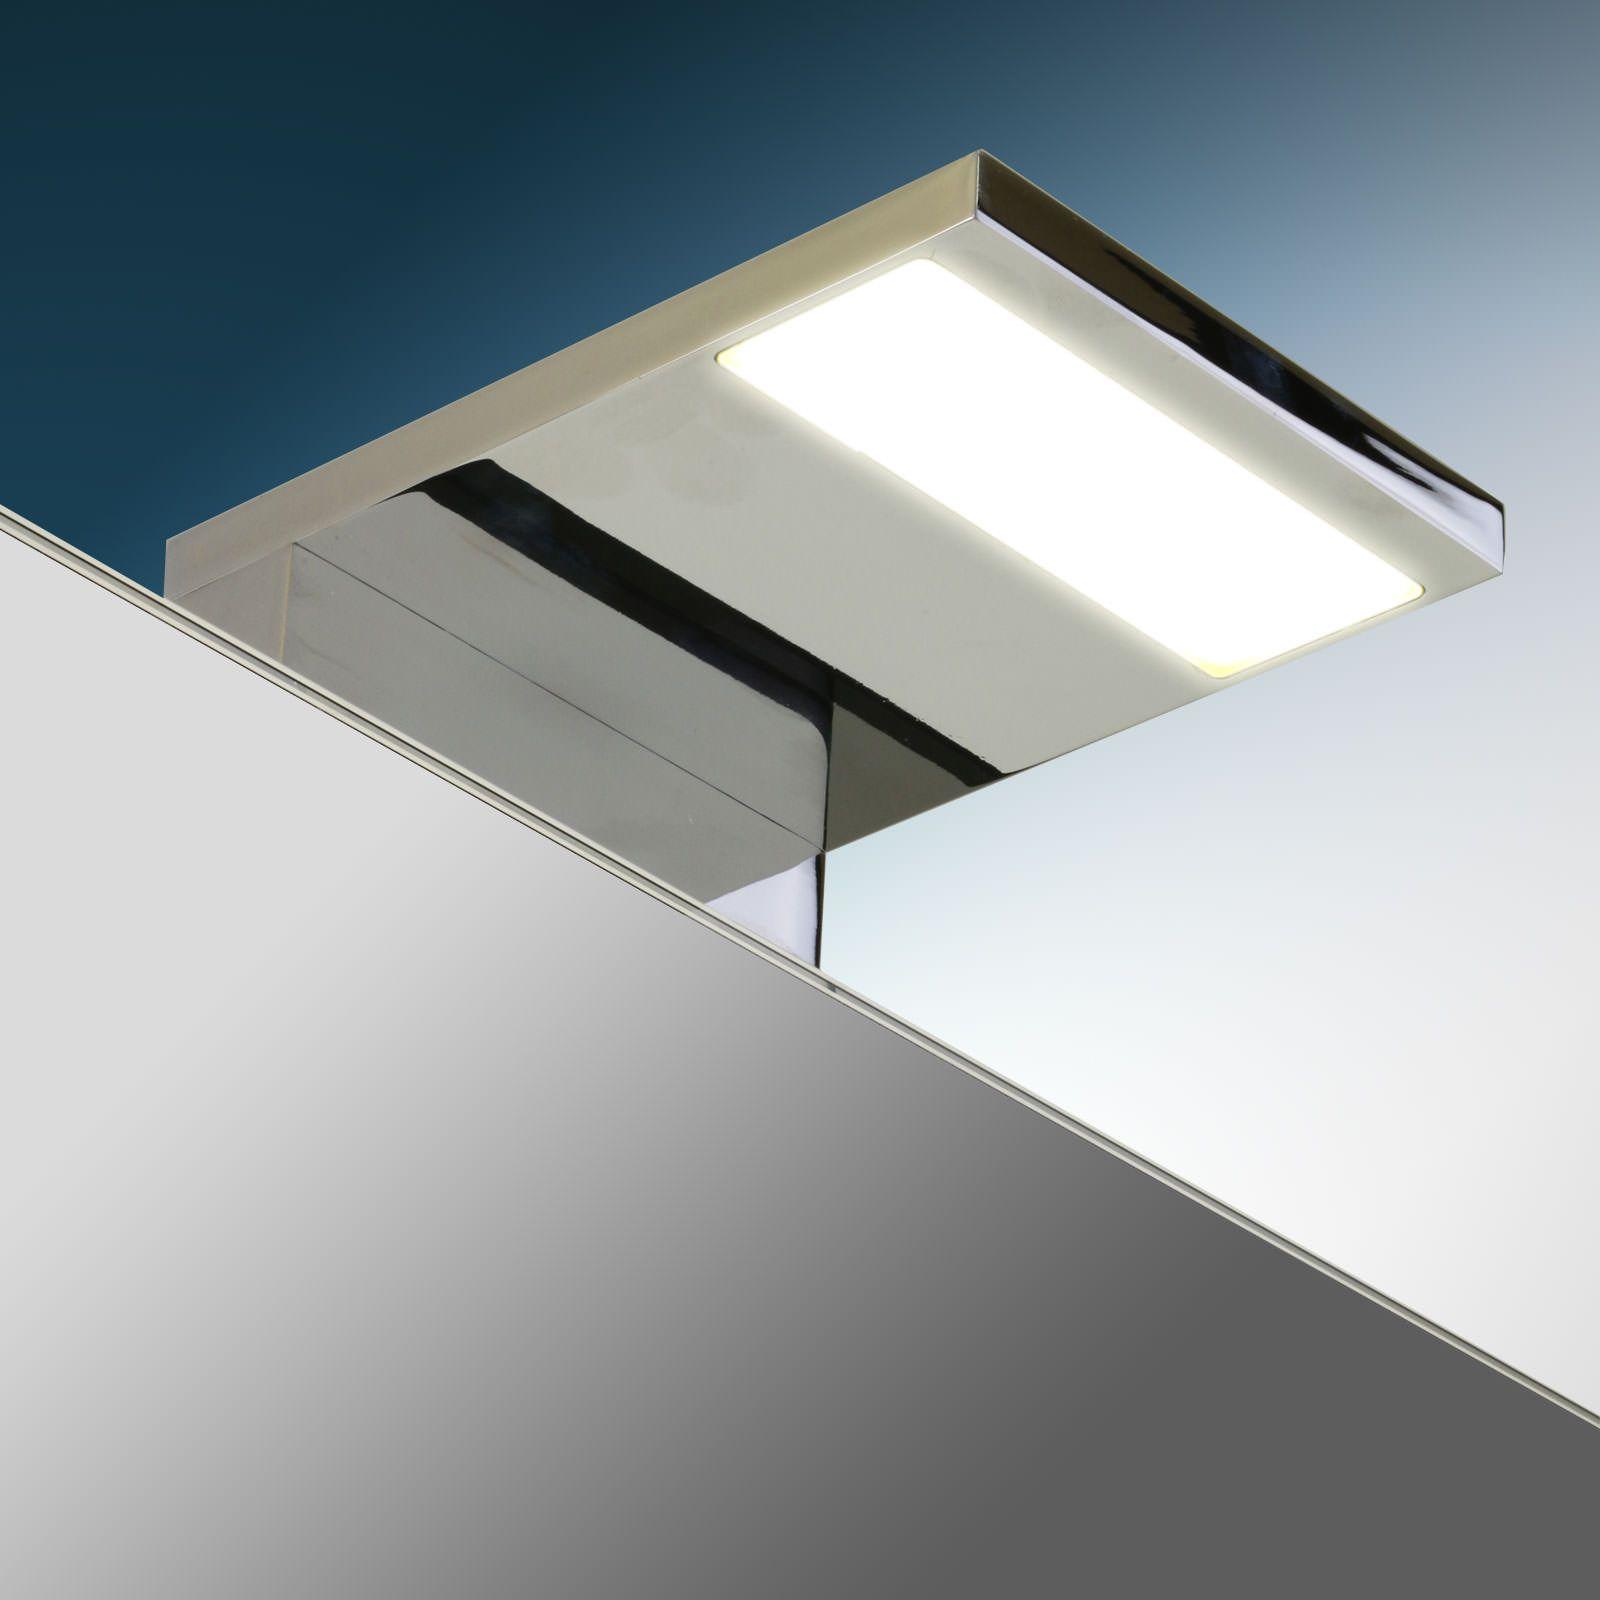 Led Spiegelleuchte Laciv Badezimmerspiegel Beleuchtung Decke Wandleuchte